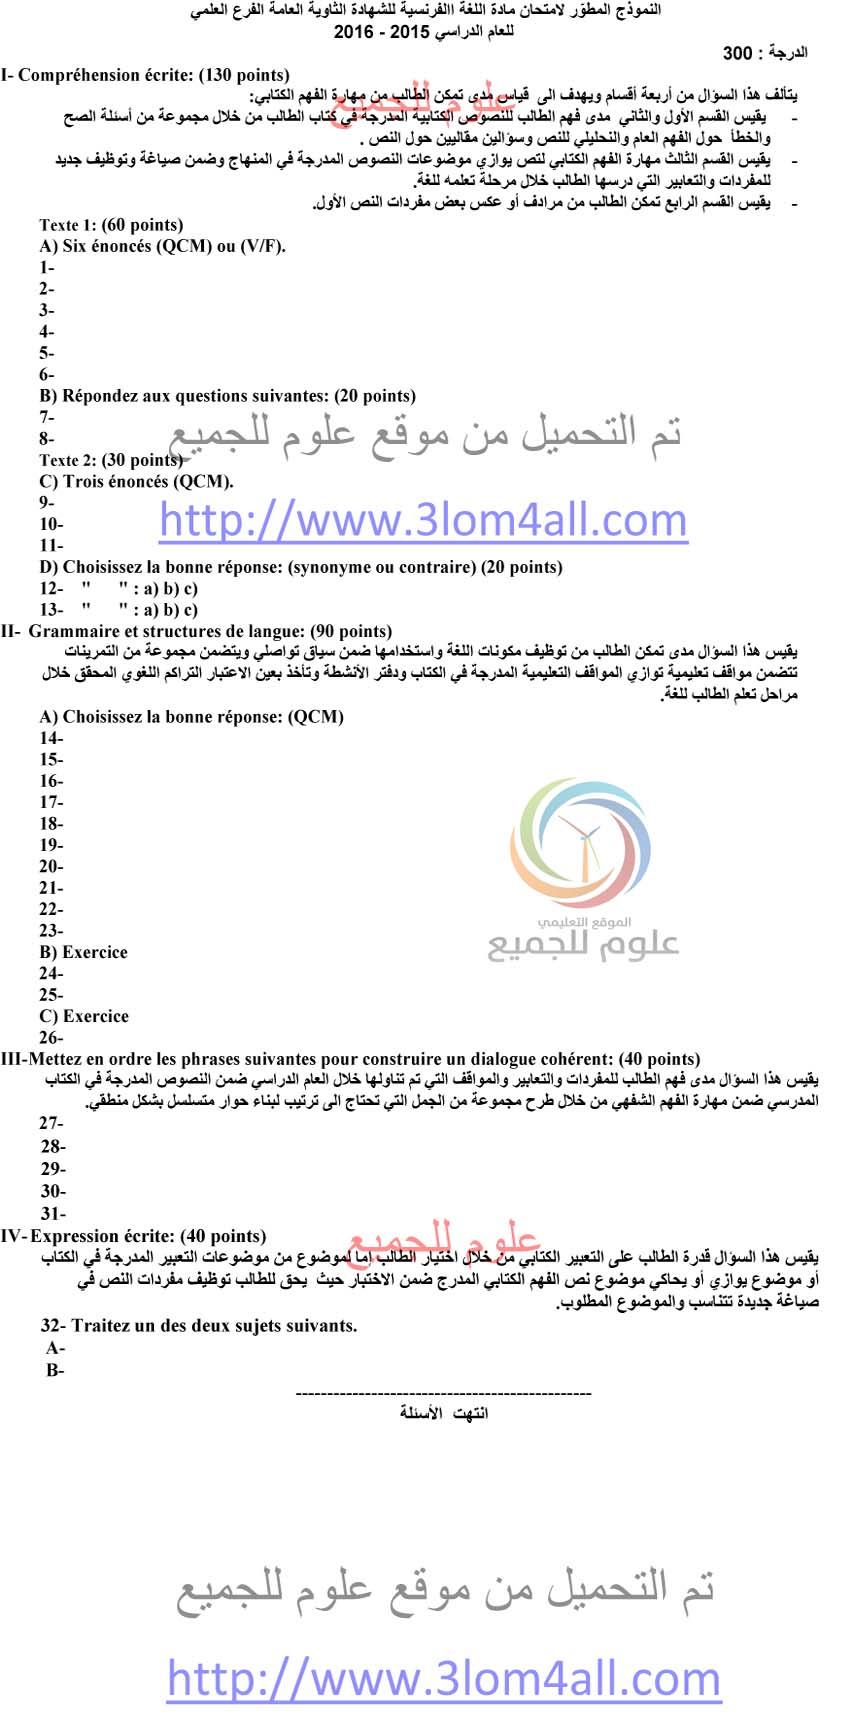 نموذج امتحان اللغة الفرنسية البكالوريا 2016 وزارة التربية السورية